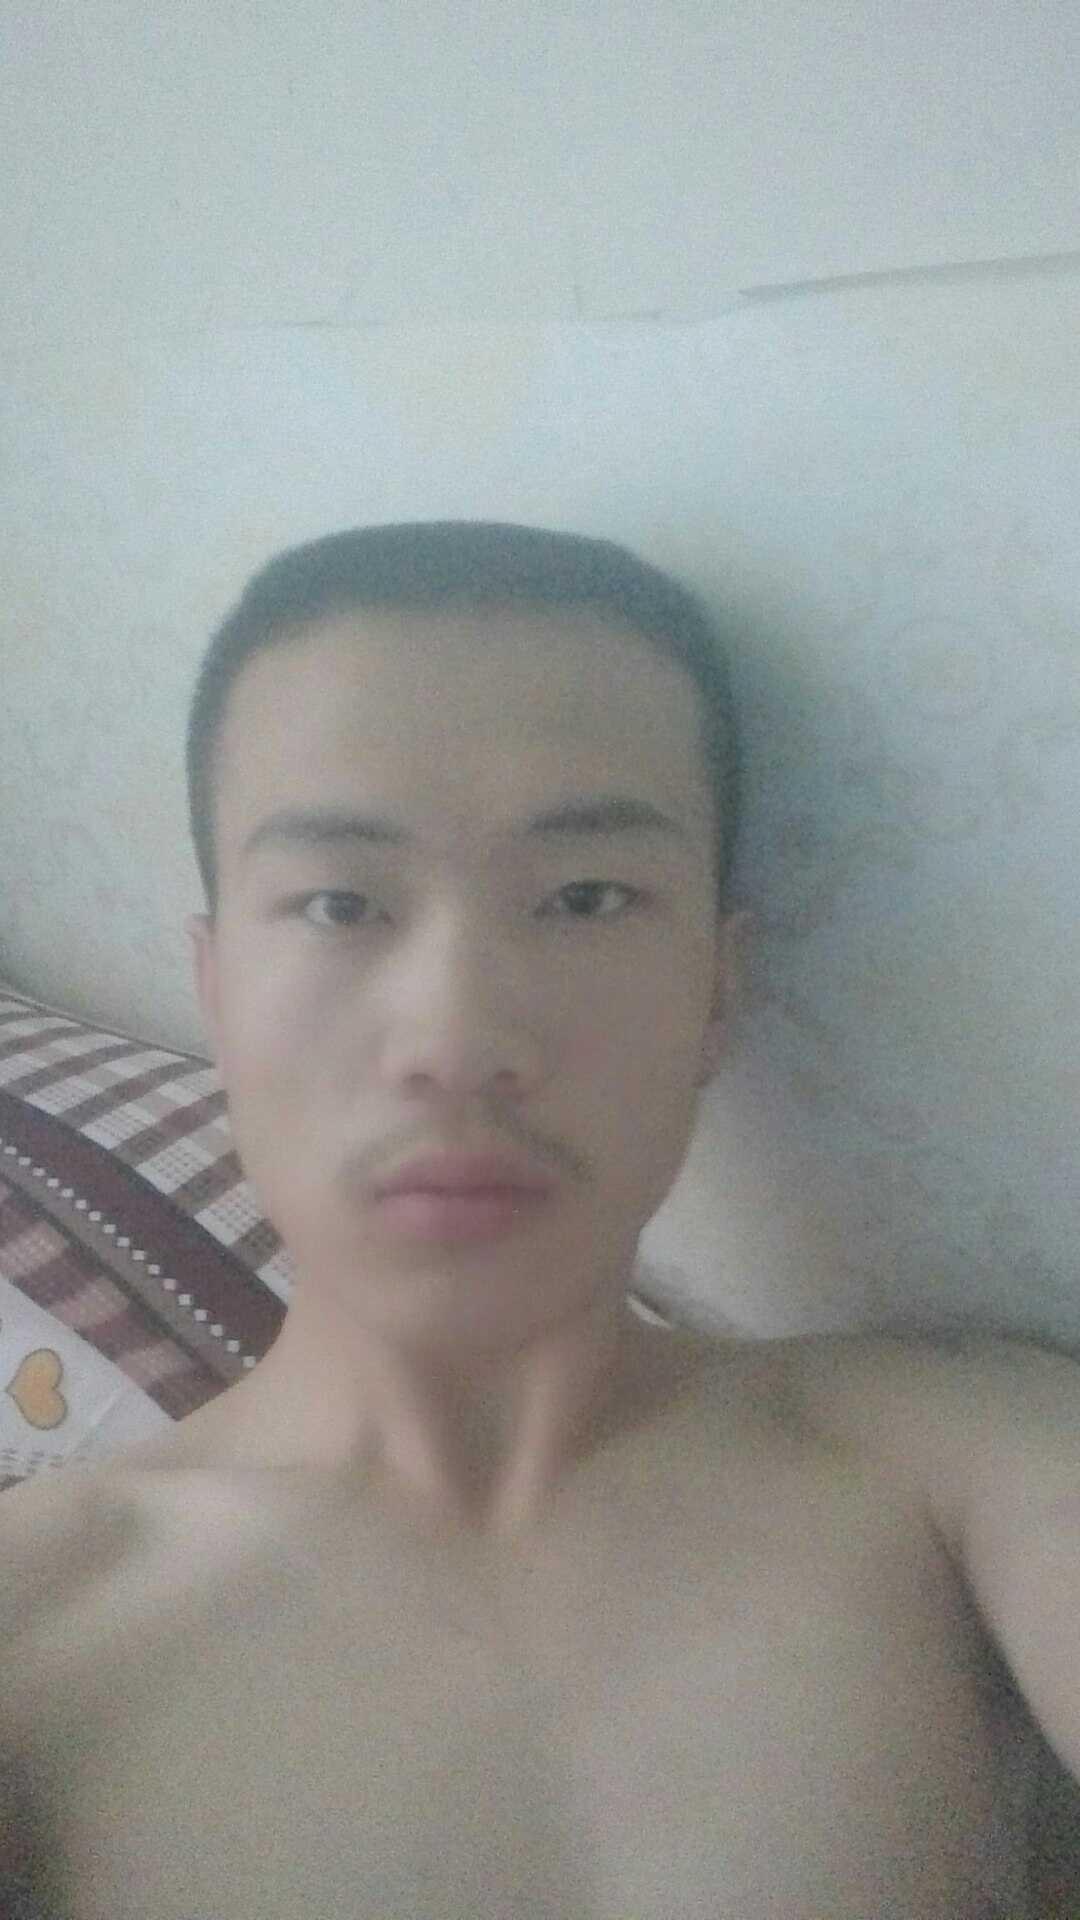 韩式双眼皮多久能消肿,哎!想告别单身,但是没钱还没个帅气的长相怎么行!